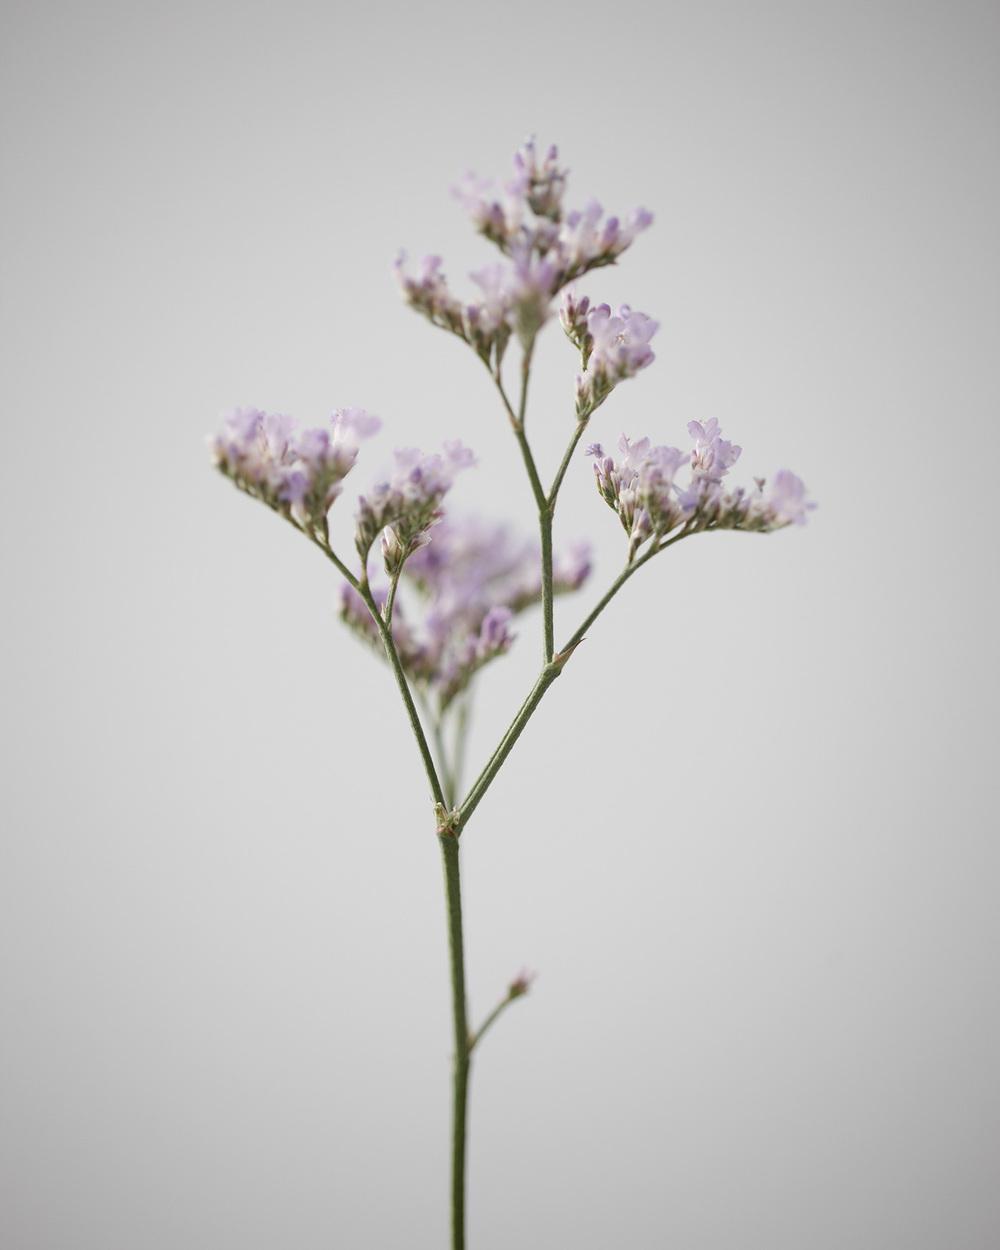 09_Weeds.jpg